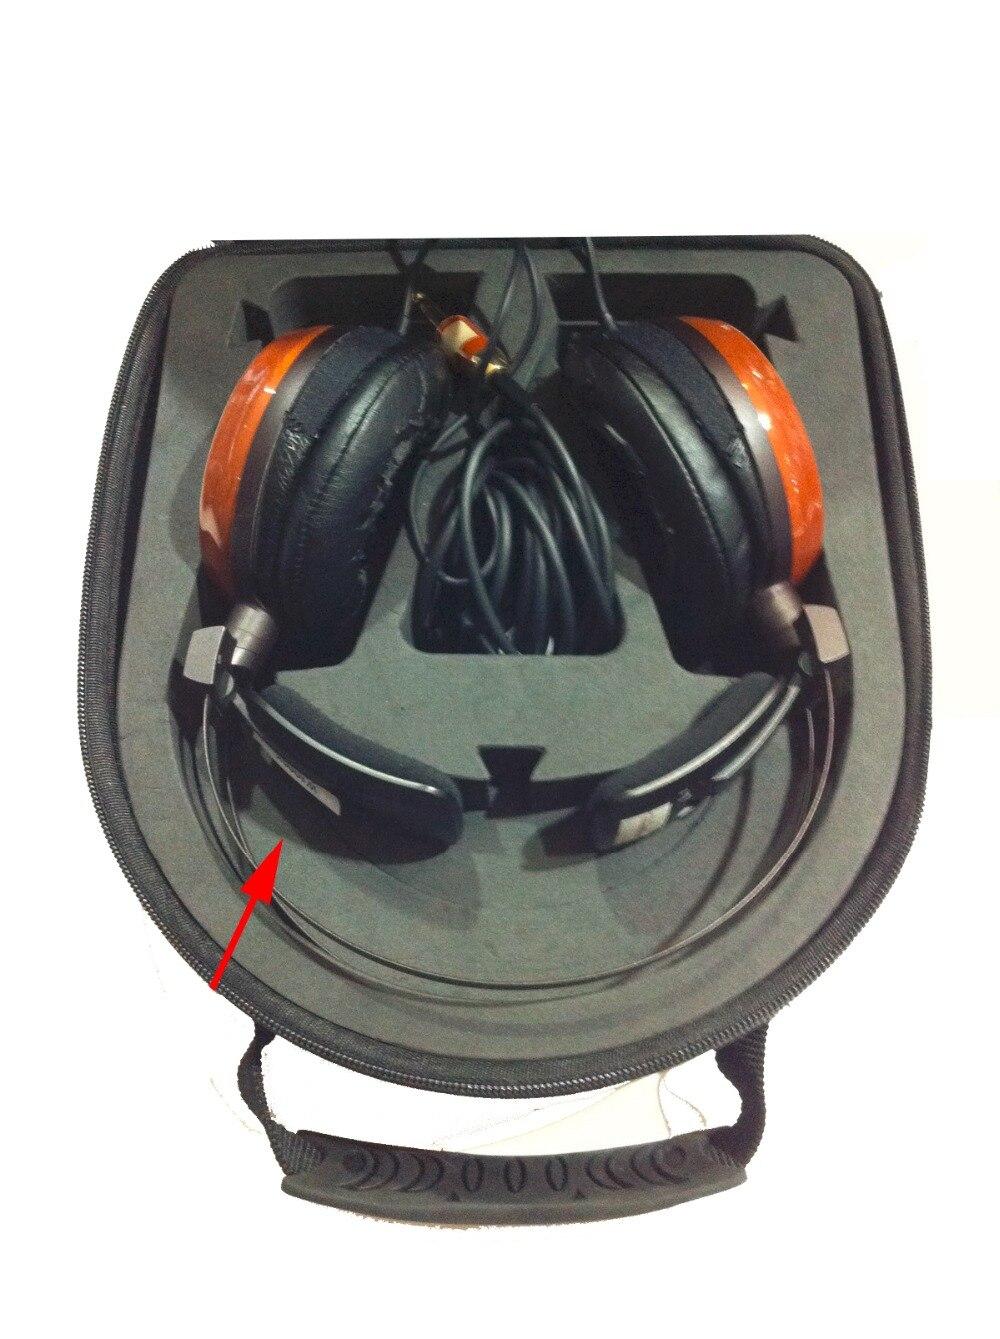 V-MOTA TDC kõrvaklappide kandekastid Audio Technica AH-A1000X jaoks - Kaasaskantav audio ja video - Foto 4